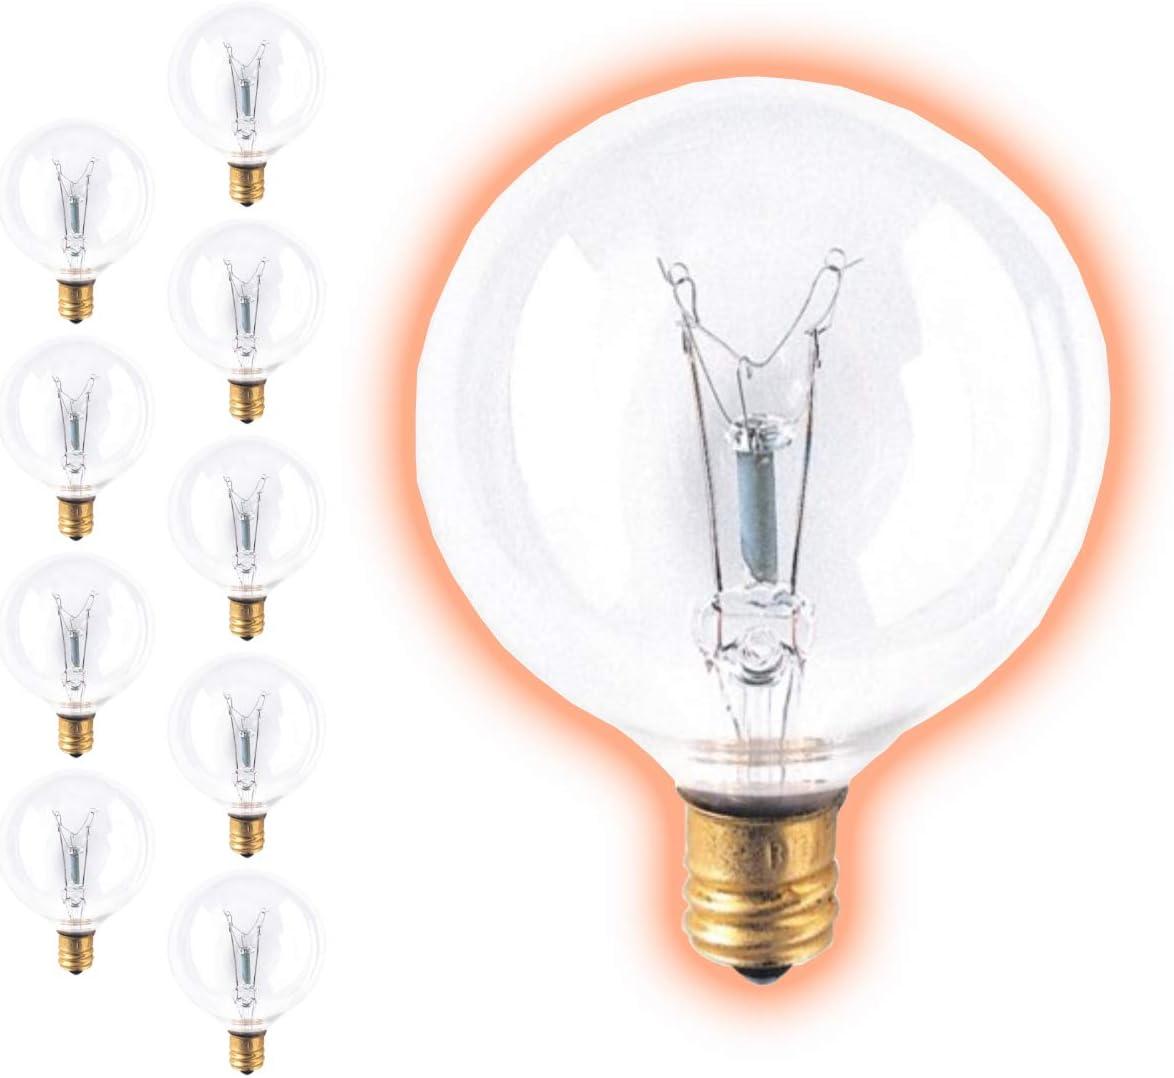 6O Watt 品質保証 G16 Globe Light Bulbs Base Clear E12 スピード対応 全国送料無料 Candelabra Finish